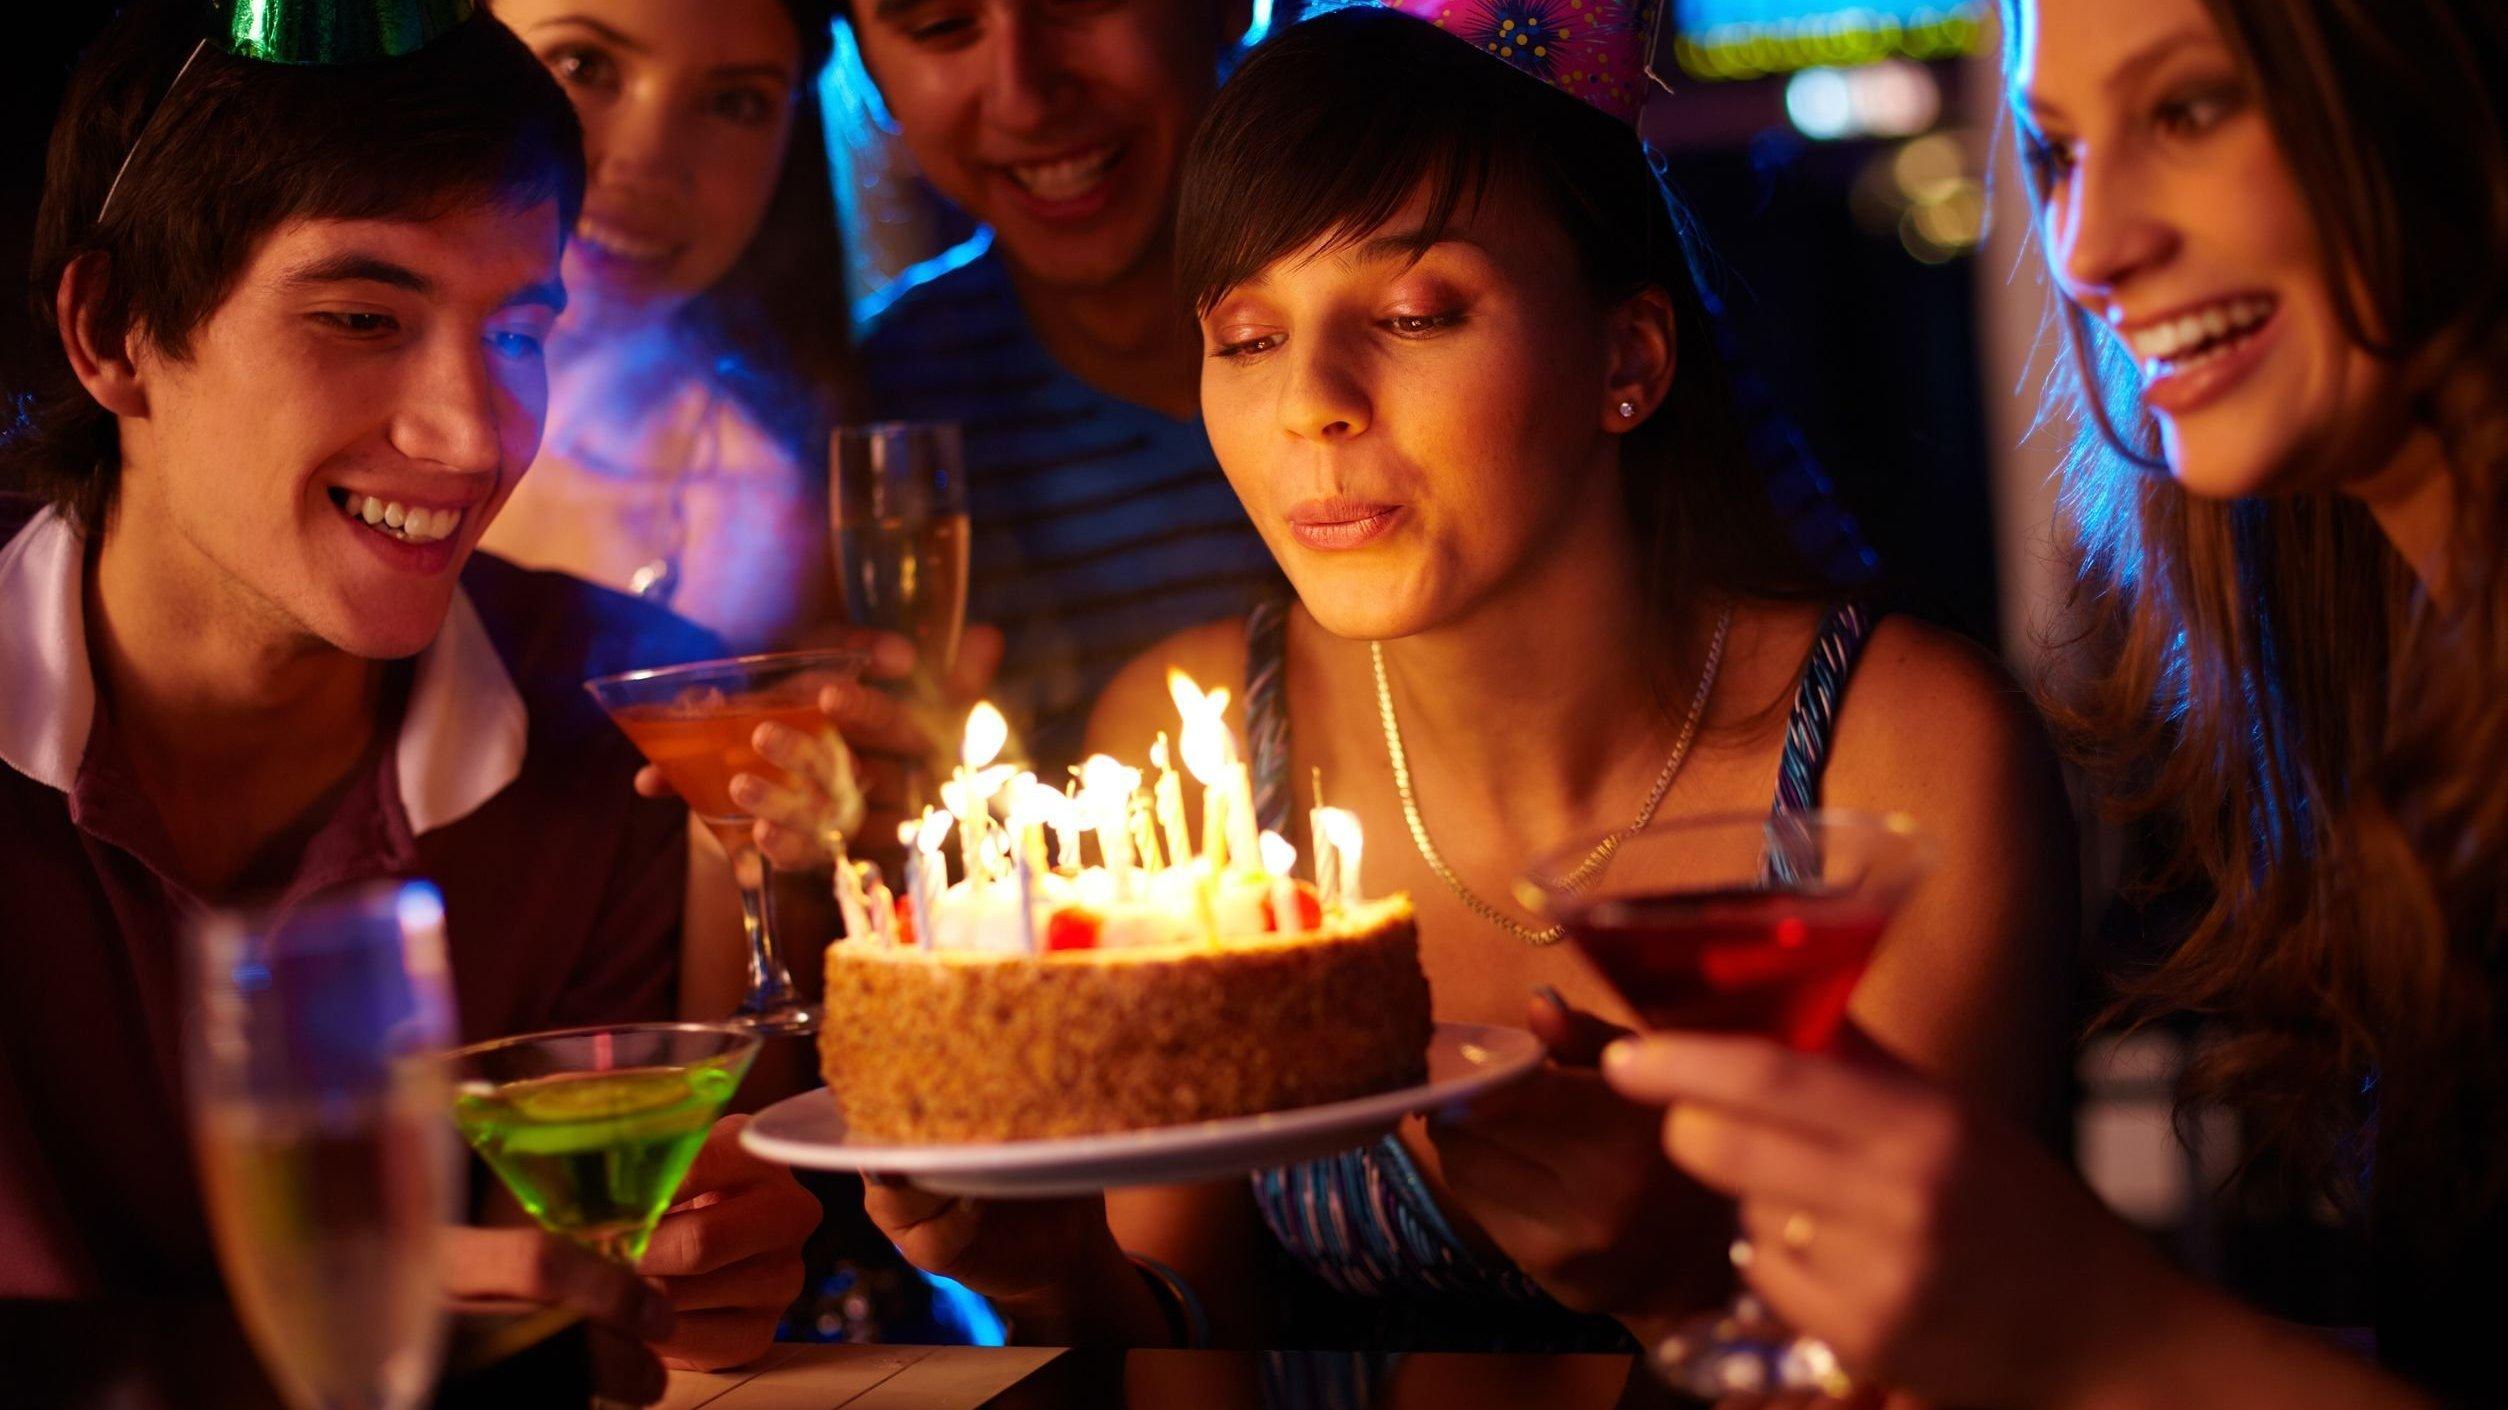 Pessoas cantando parabéns. Mulher segurando bolo e assoprando velhinha acessa.